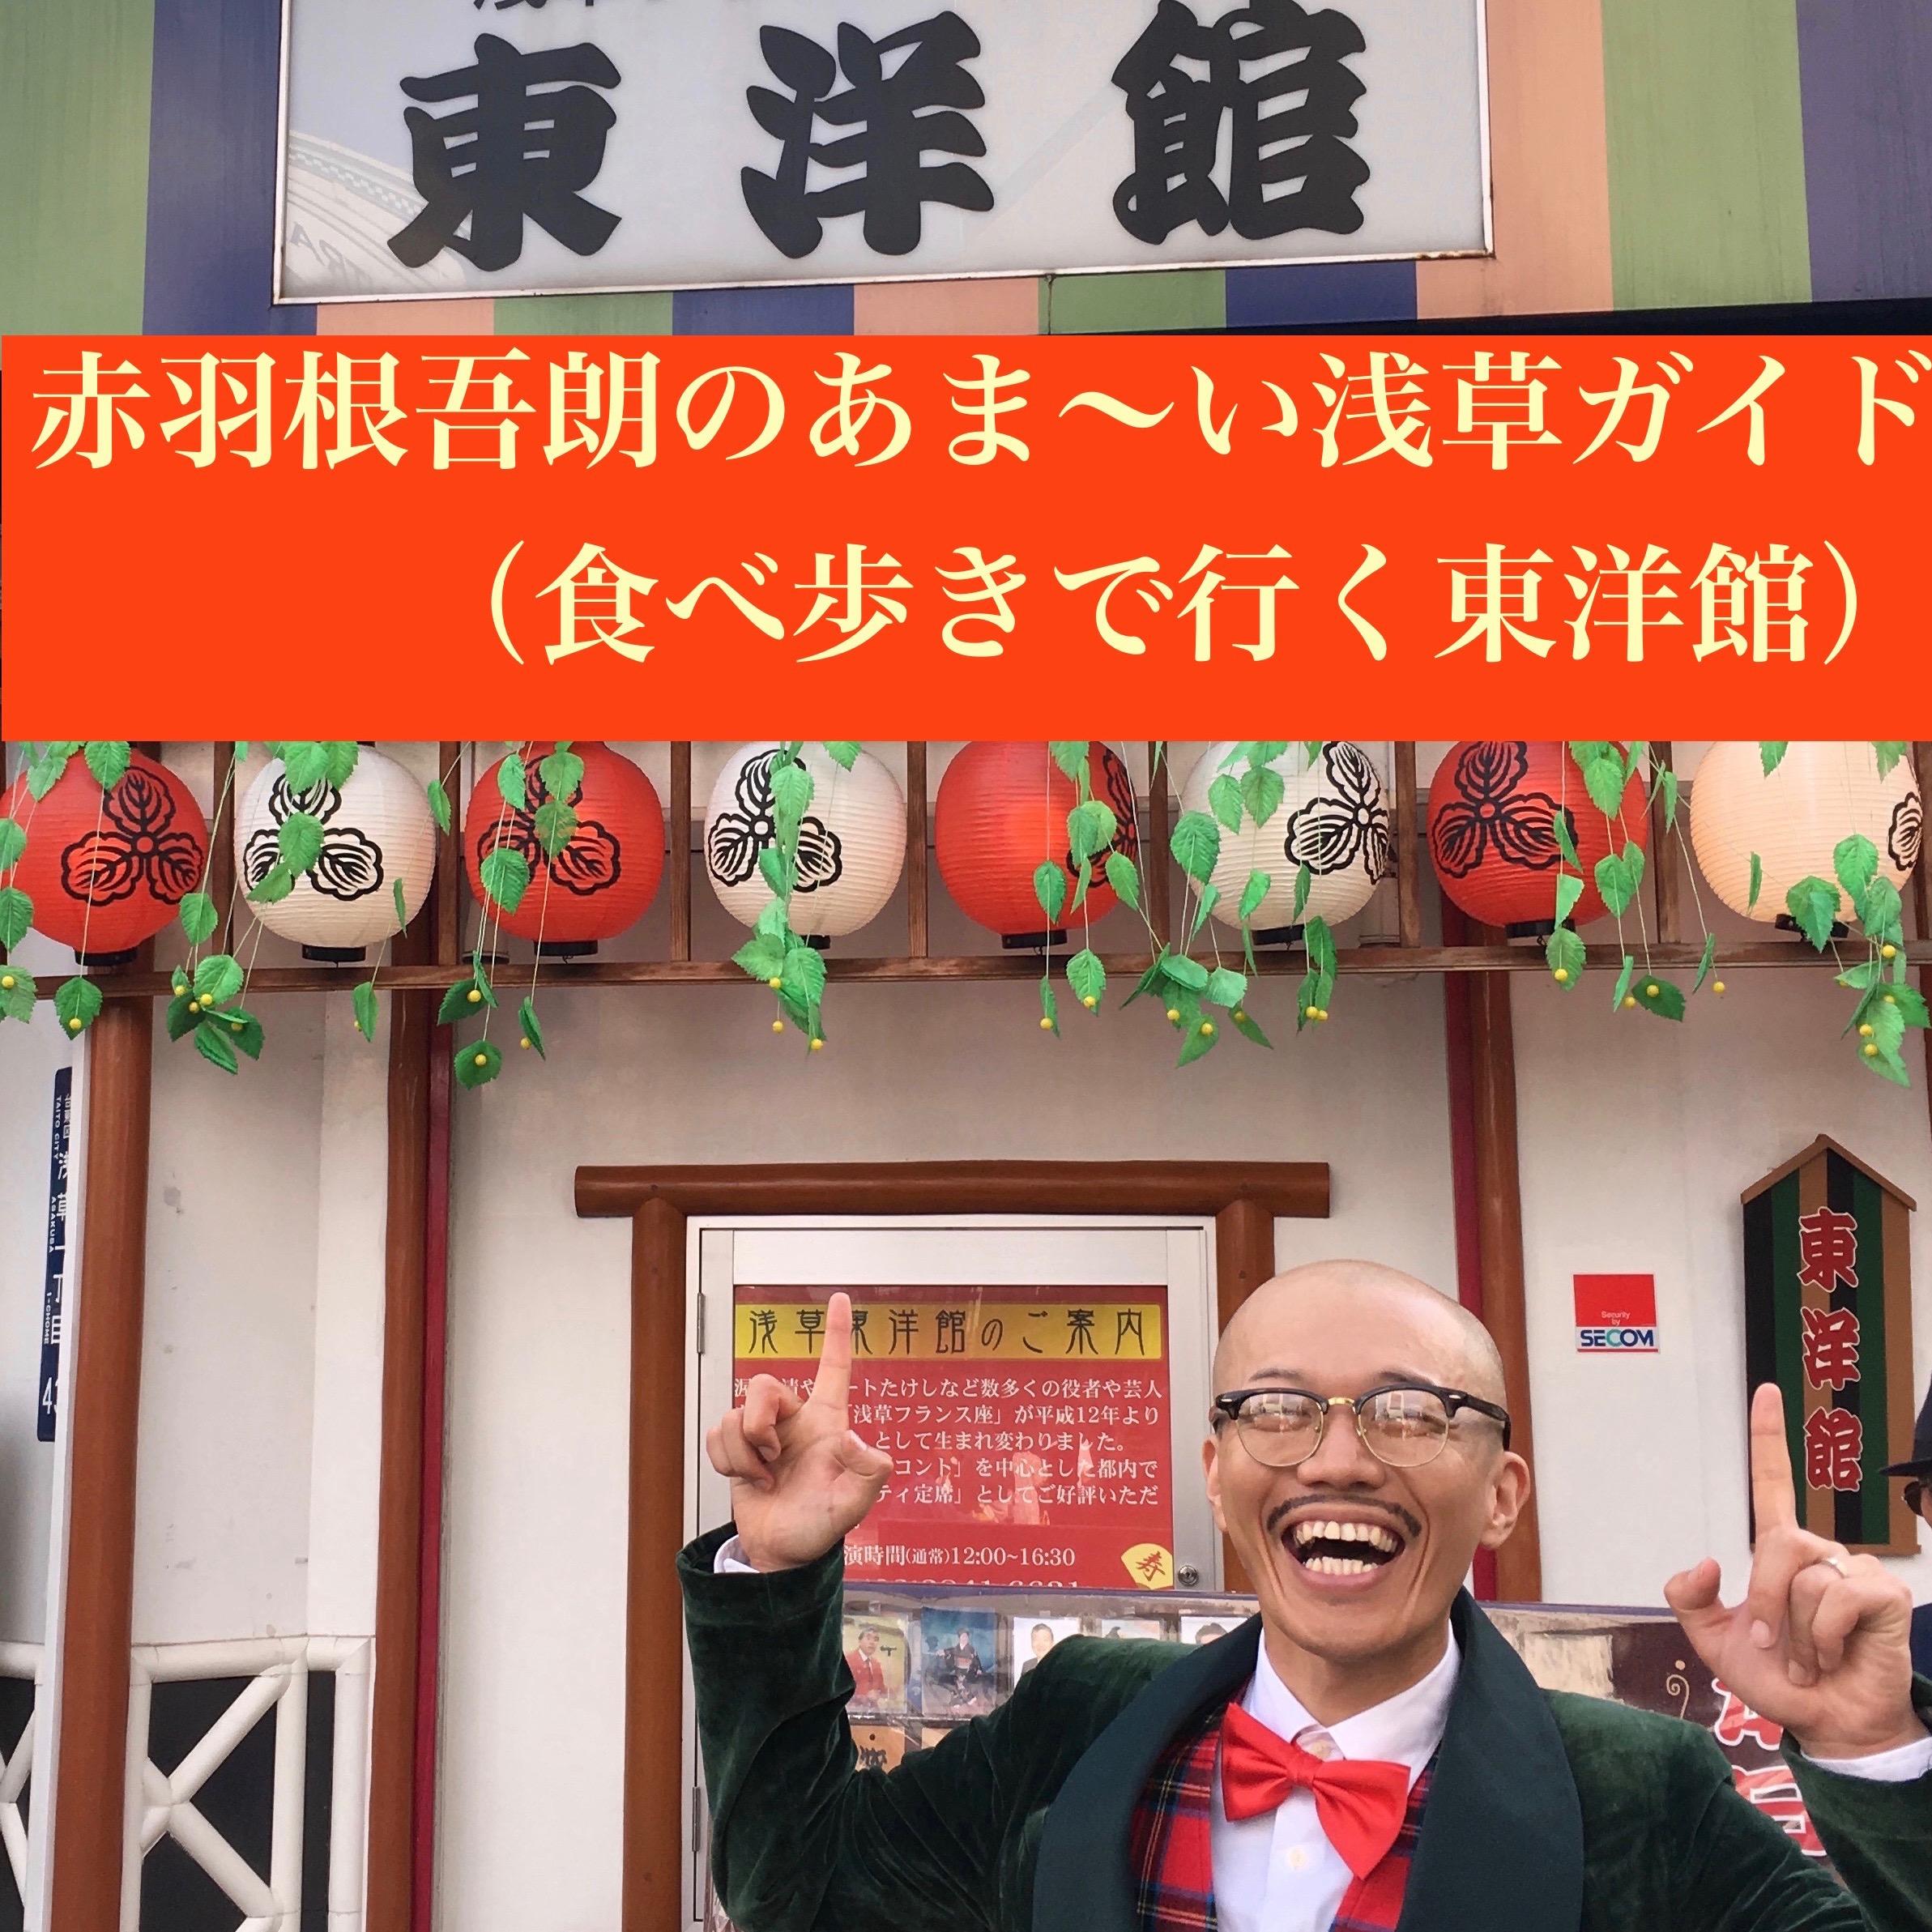 赤羽根吾朗のあま〜い浅草ガイド(食べ歩きで行く東洋館)